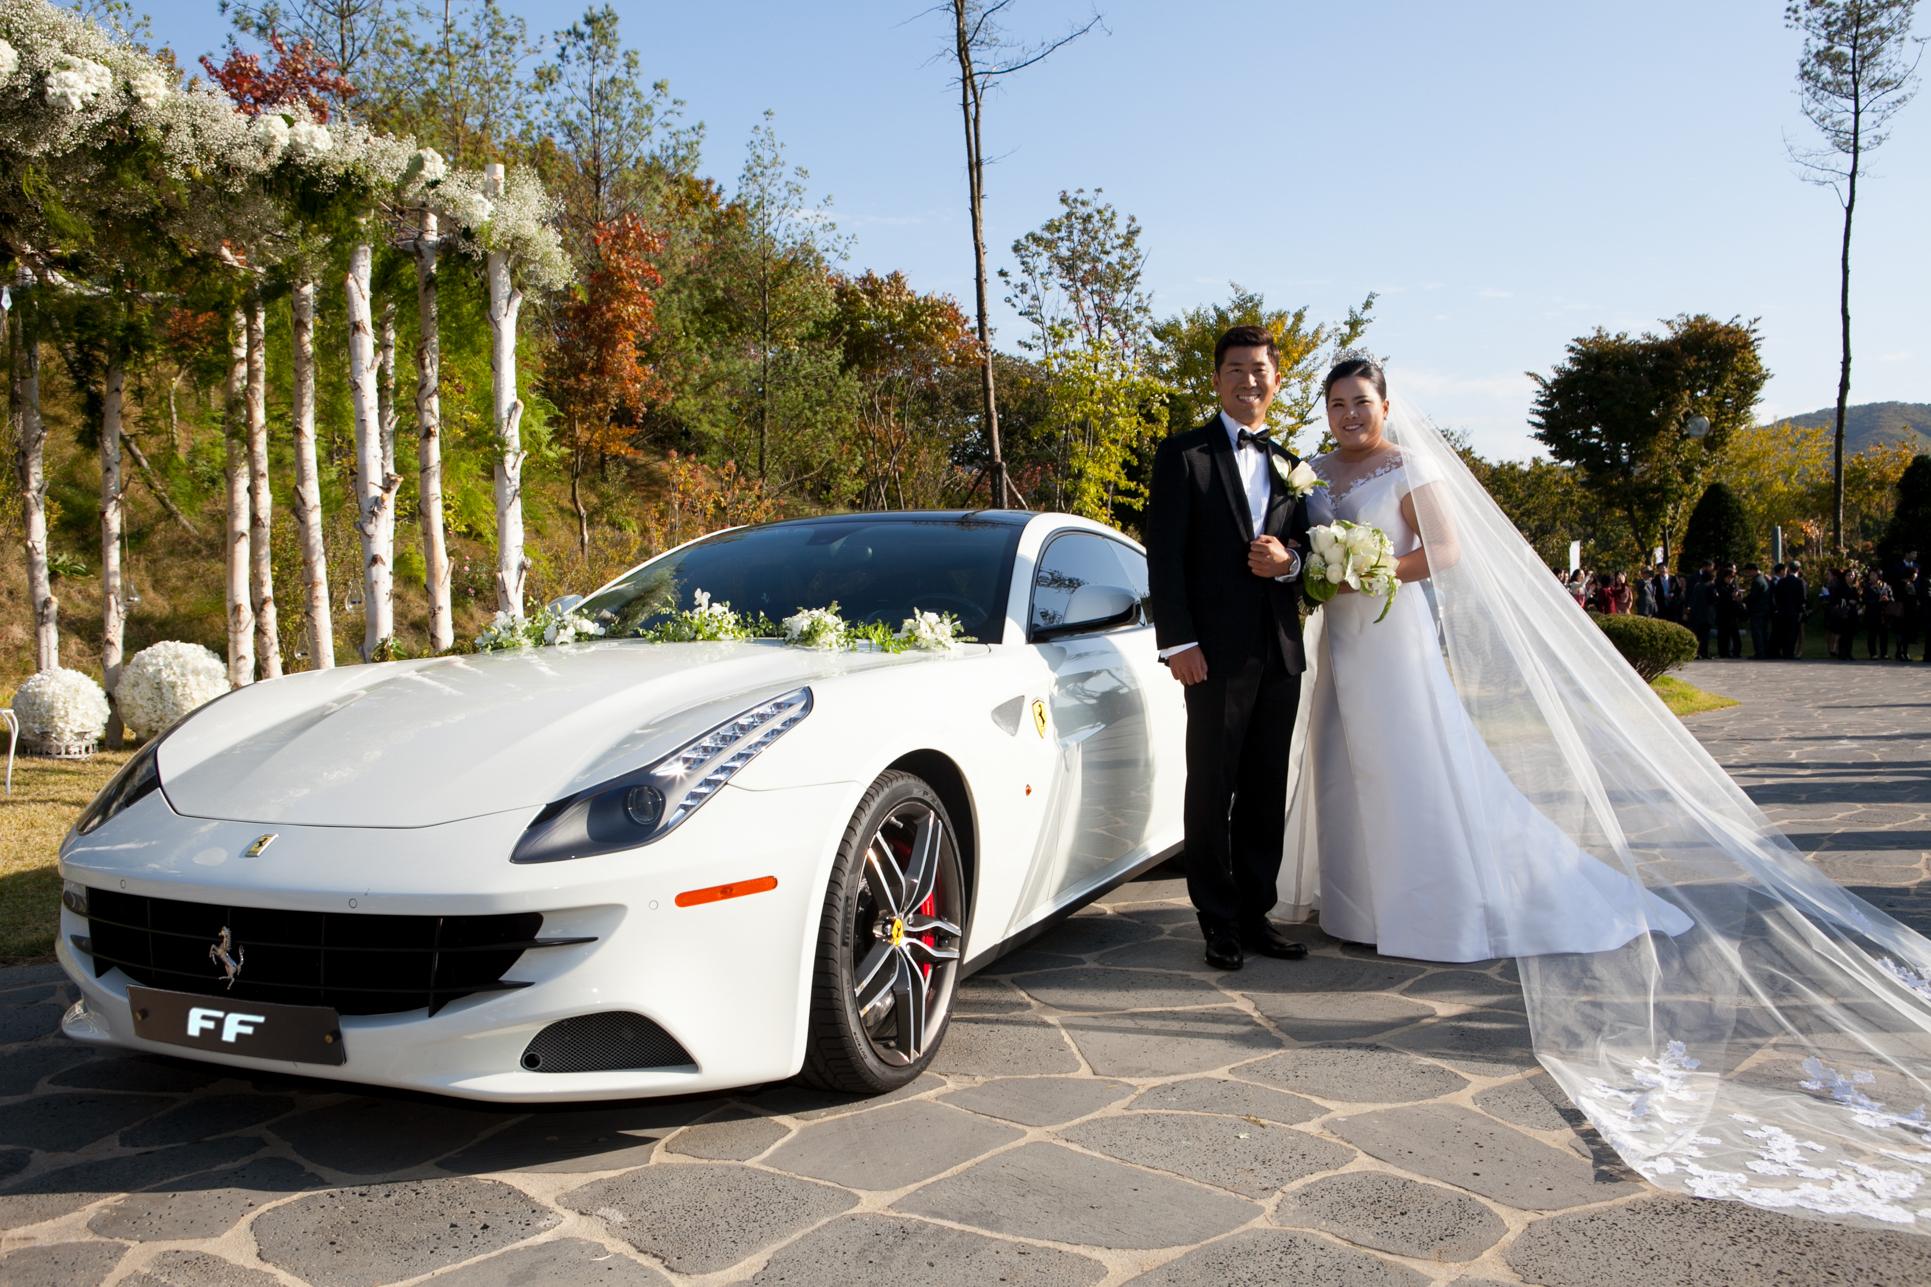 La campionessa coreana si sposa in Ferrari…